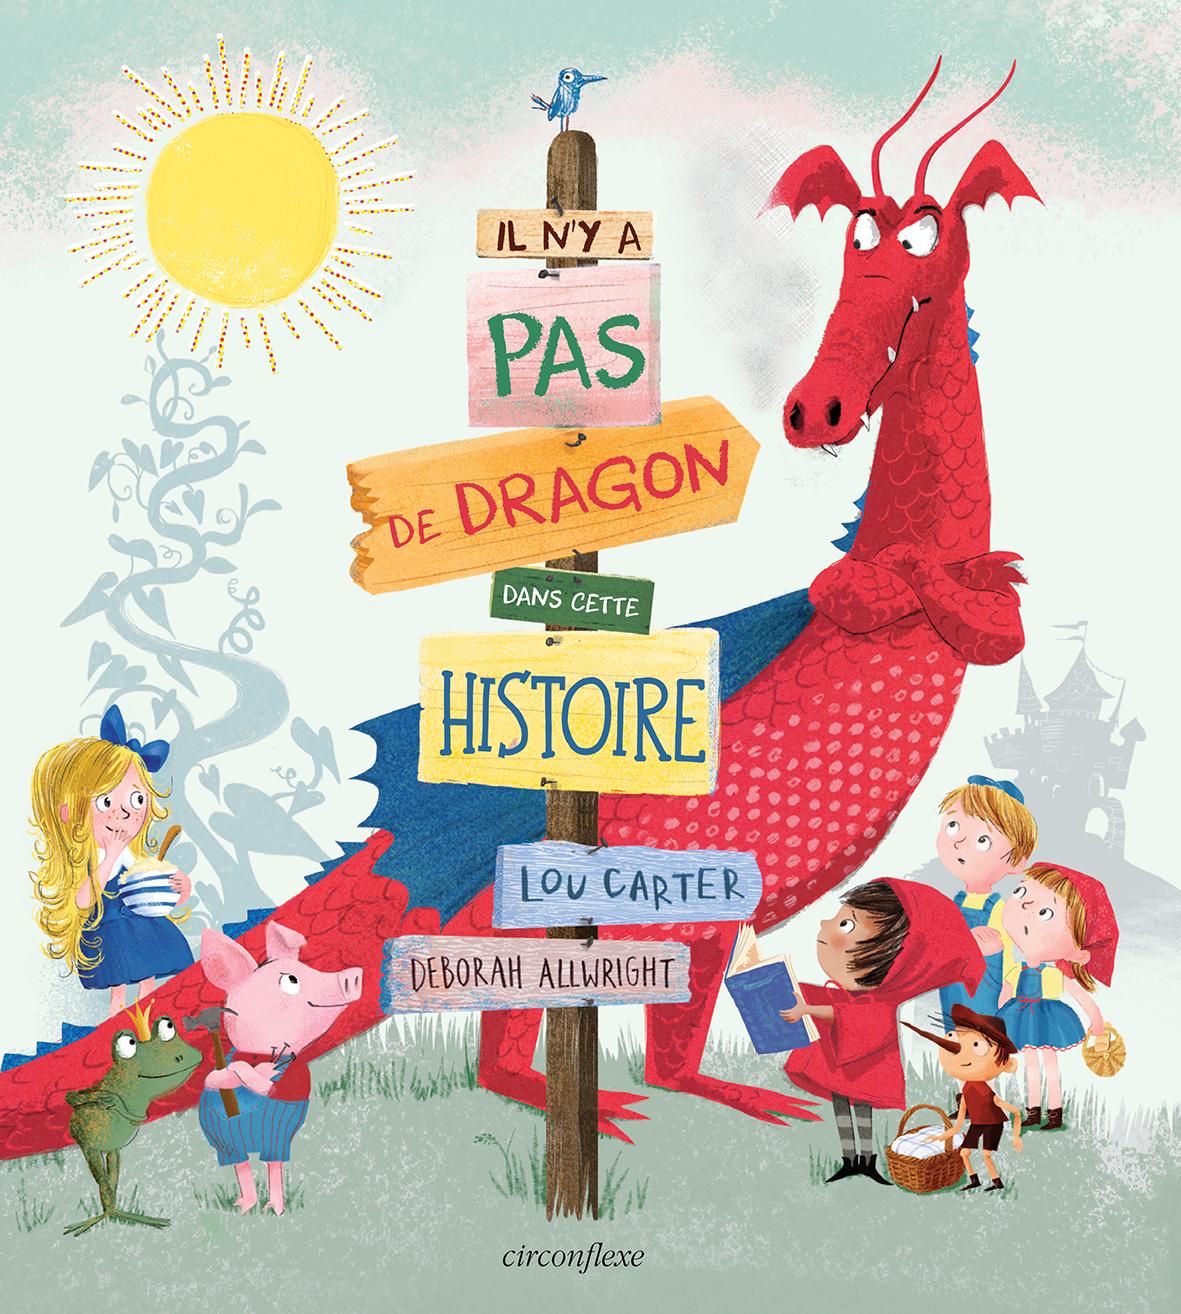 IL N'Y A PAS DE DRAGON DANS CETTE HISTOIRE